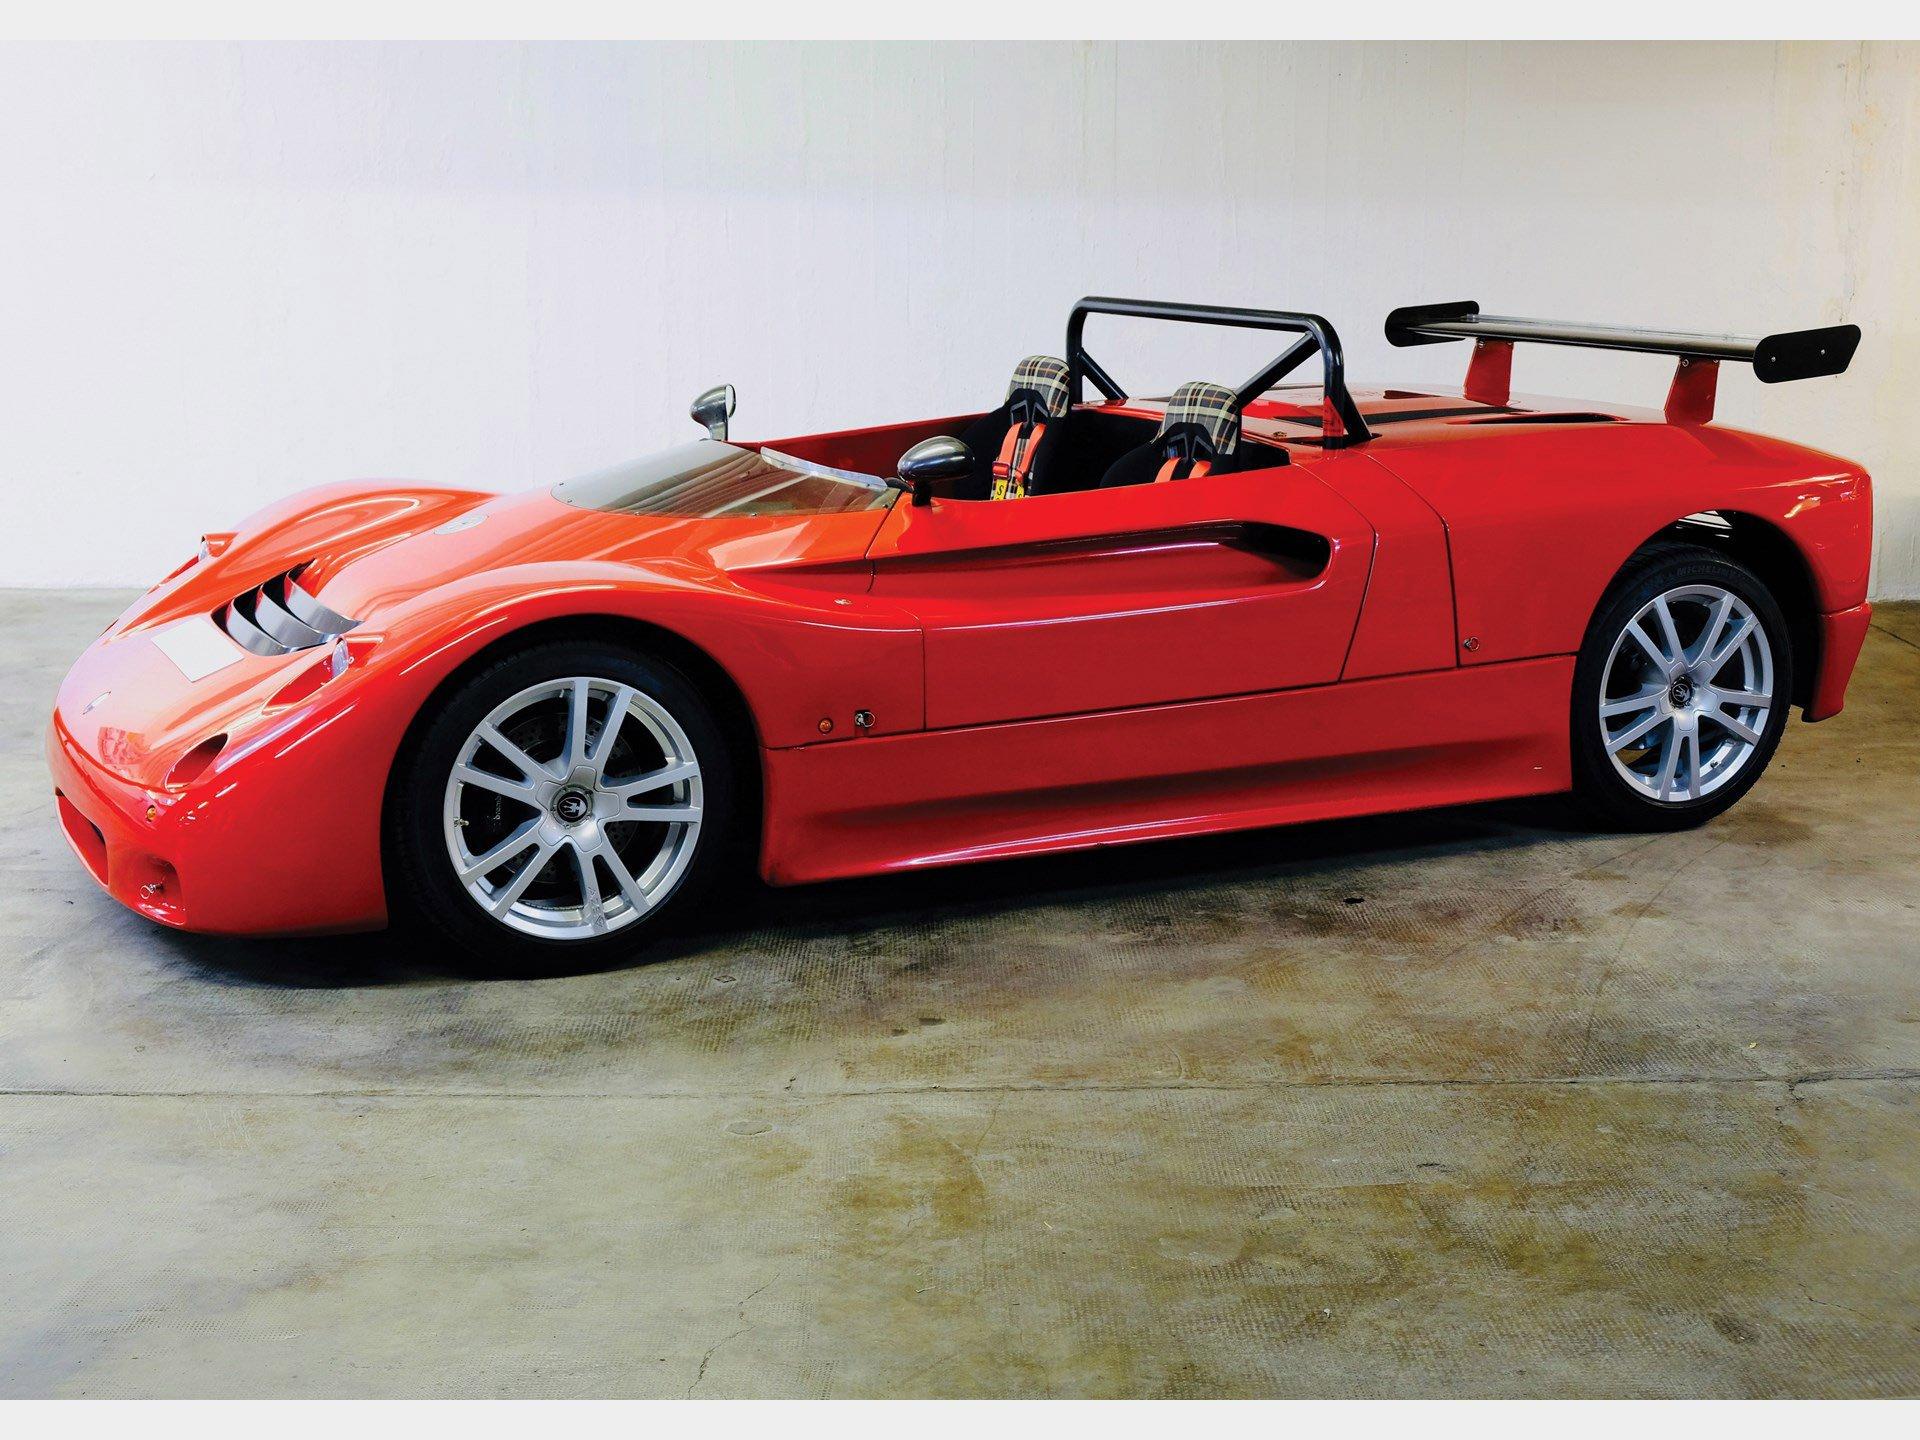 Торговый дом Sotheby's собирается продать на аукционе один из семнадцати уникальных спорткаров Maserati Barchetta